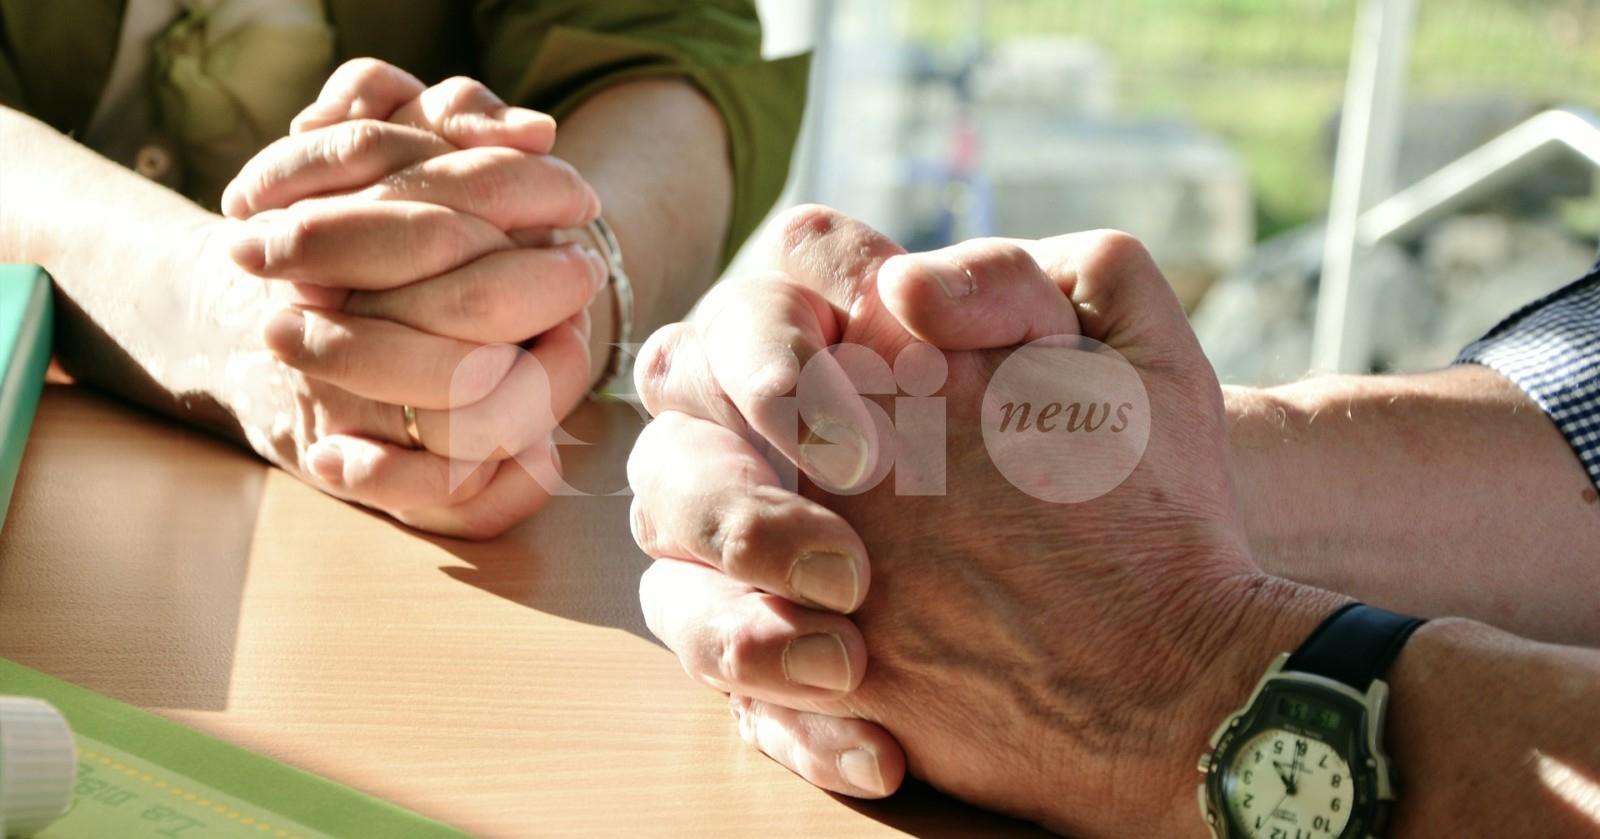 Giornata di preghiera, digiuno e opere di carità, ad Assisi si prega a San Francesco